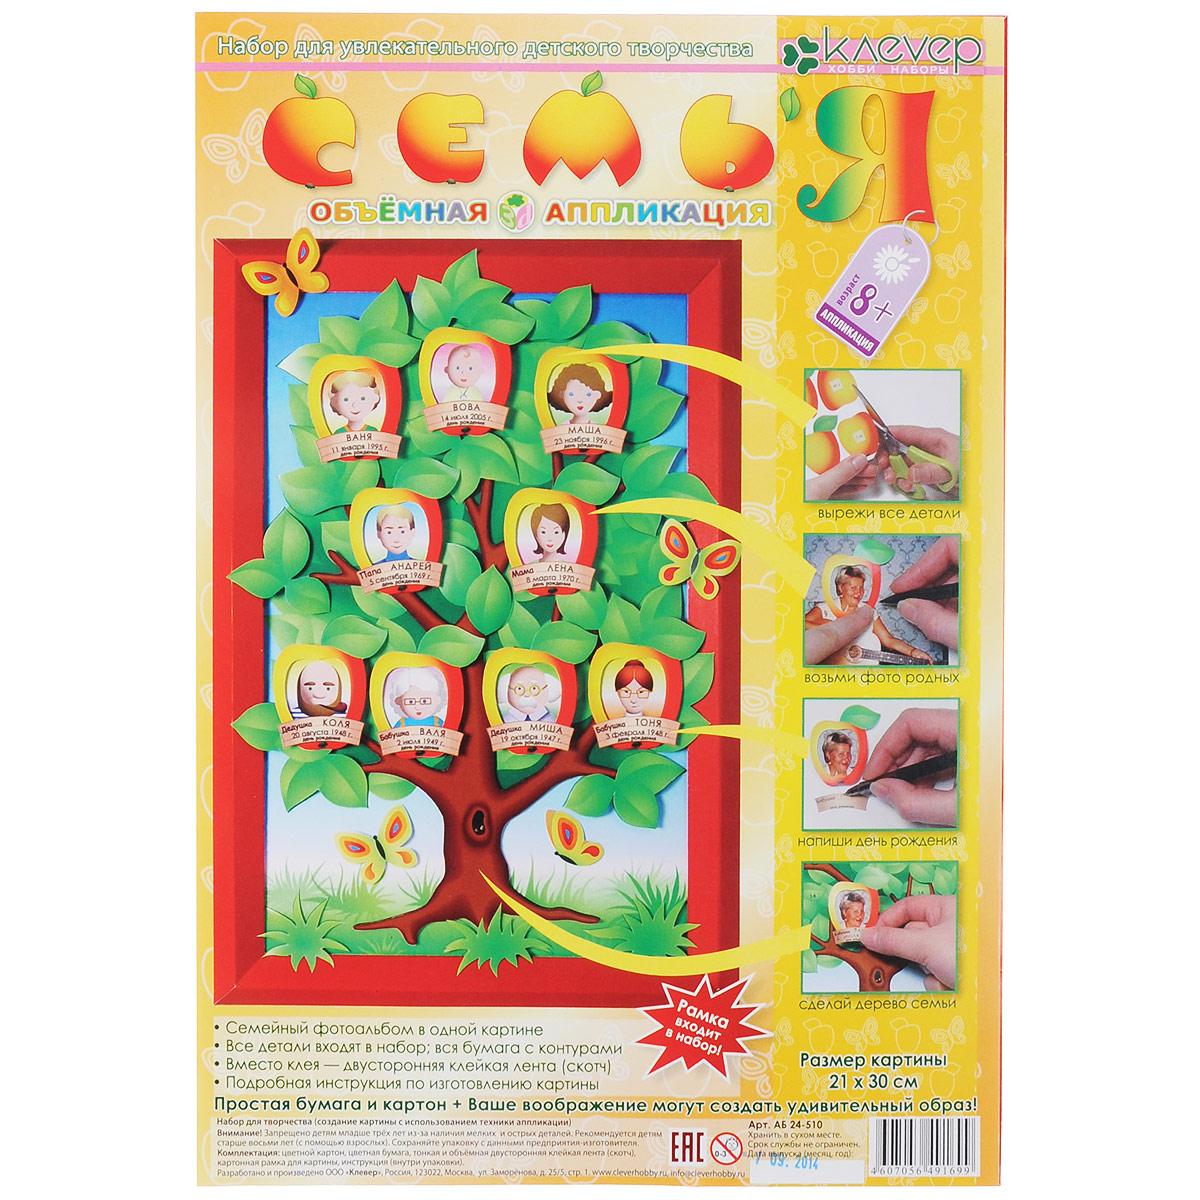 """Набор """"Семья"""" позволит вам и вашему ребенку окунуться в удивительный мир конструирования из бумаги и своими руками сделать объемную аппликацию-семейное древо, объединяющую семейный фотоальбом в одной картине. Набор включает в себя цветную бумагу с контурами для вырезания, картонный фон, объемный двусторонний скотч, картонную рамку и инструкцию на русском языке. Чтобы приступить к работе, вам понадобятся только ножницы и фотографии членов семьи. Искусство работы с бумагой появилось на Востоке, в Древнем Китае и Японии, и до сих пор находит отклик в творческих сердцах во всем мире. Конструирование из бумаги помогает развивать пространственное воображение, совершенствует моторику, тренирует речь, память, внимательность и аккуратность. Несложный и веселый творческий процесс непременно подарит ребенку массу удовольствия. Такая картина станет предметом гордости малыша, а также будет отличным подарком для родных и близких."""